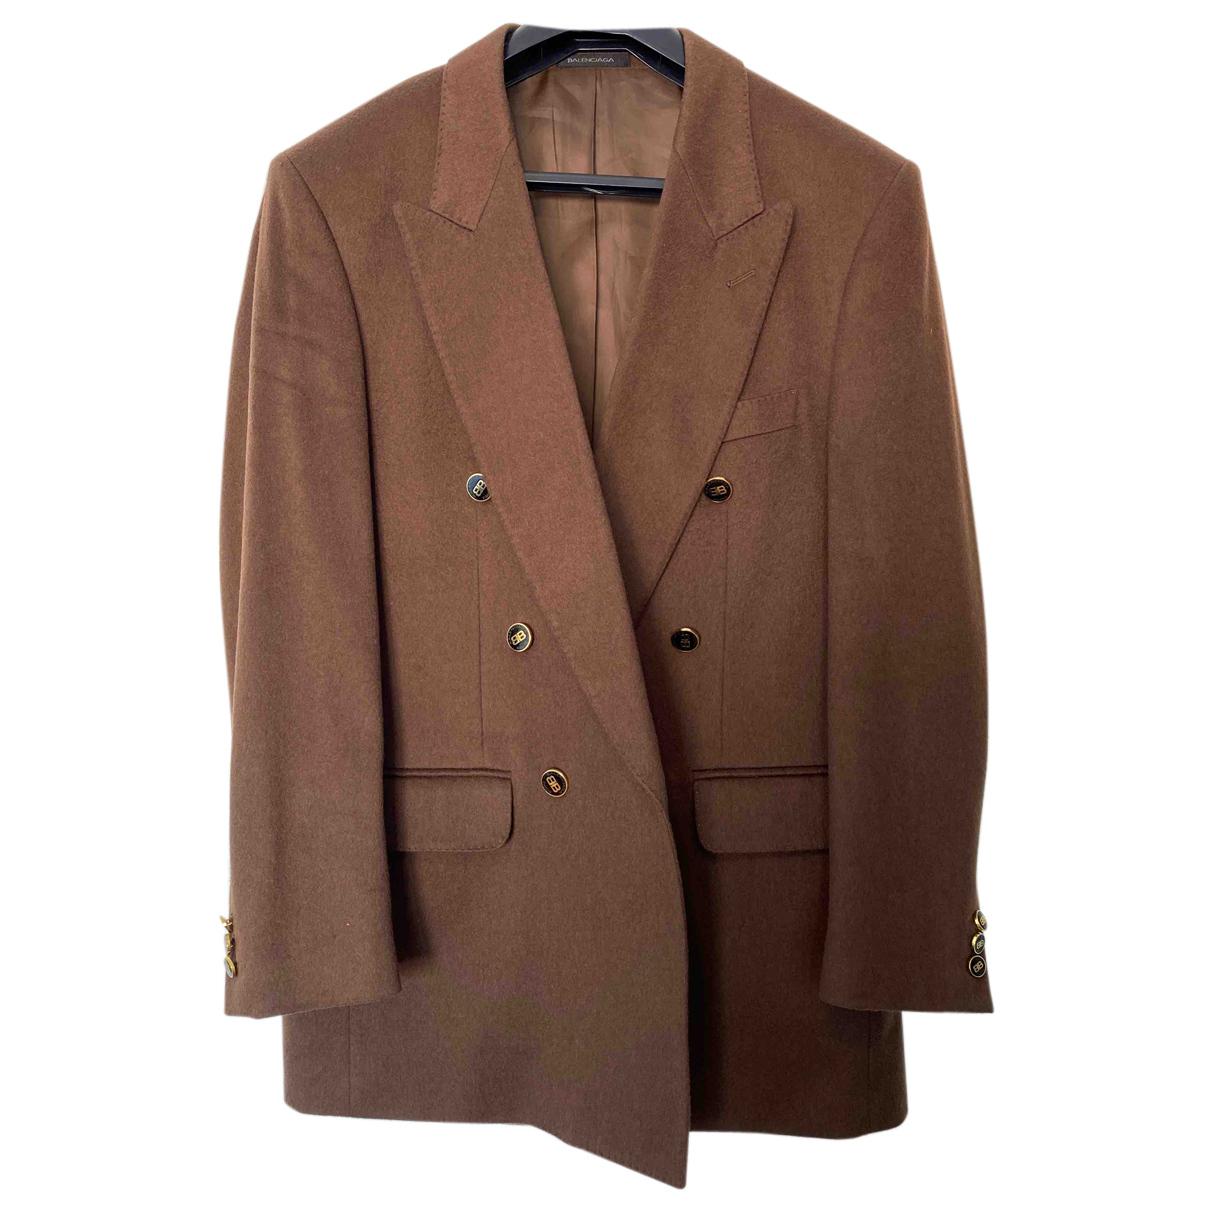 Balenciaga - Vestes.Blousons   pour homme en laine - marron